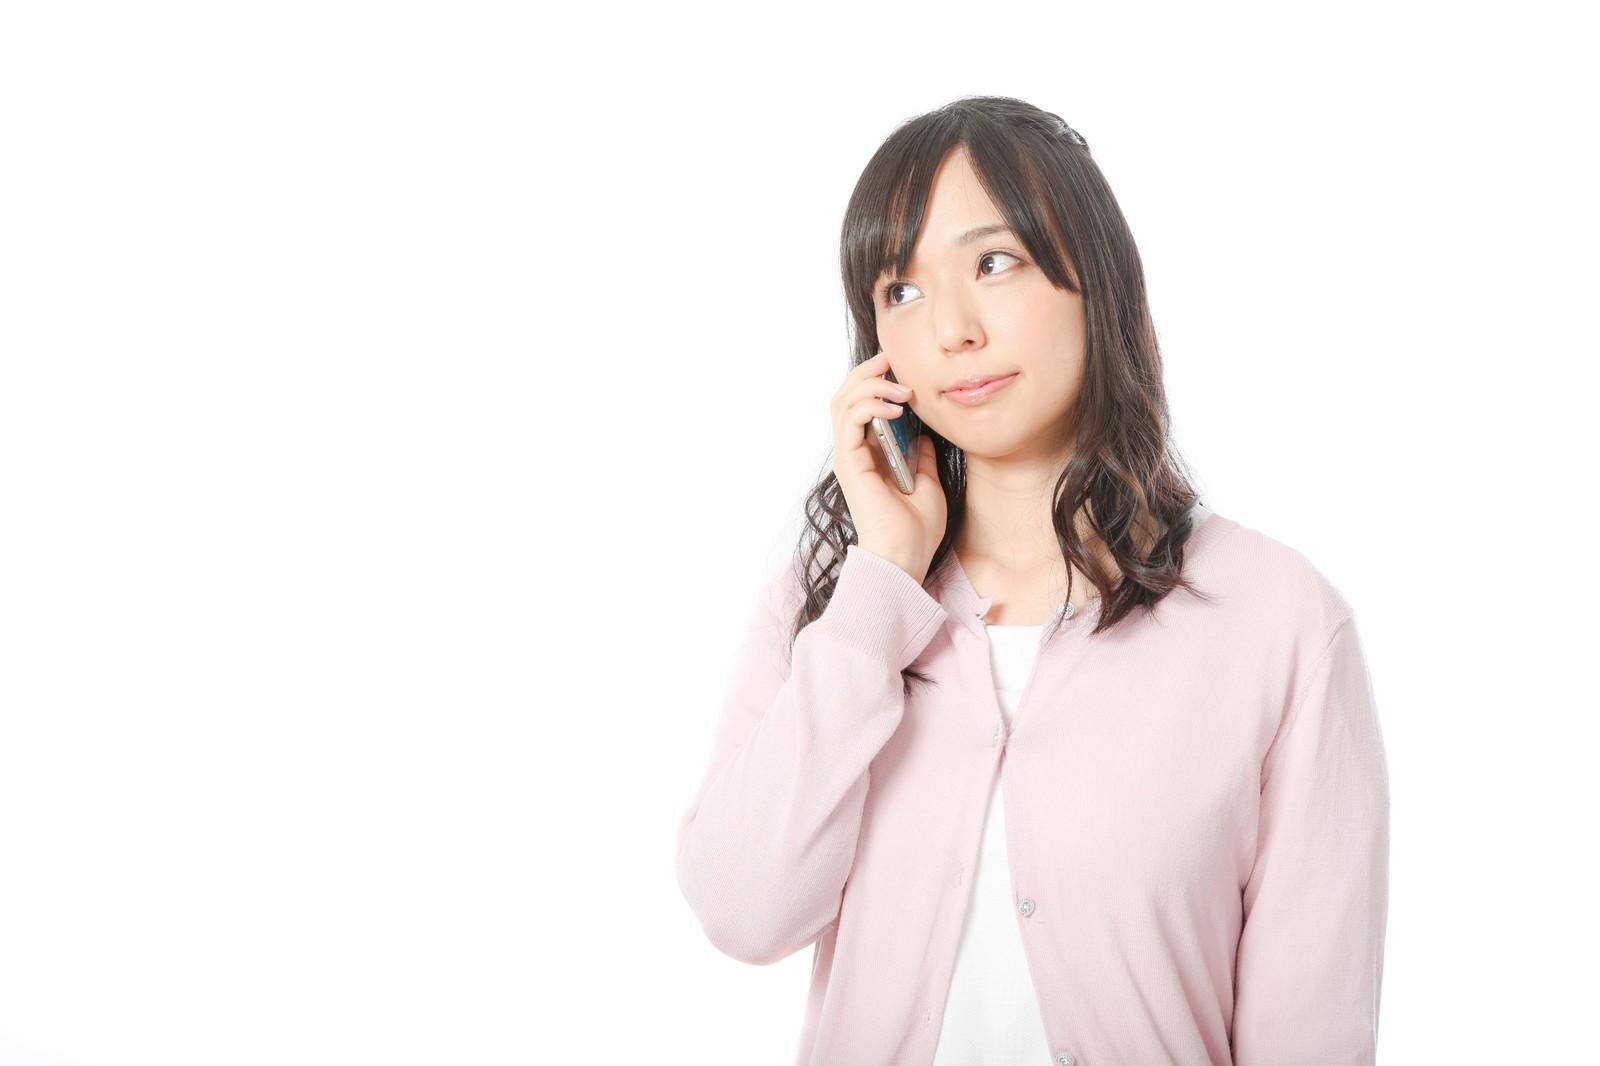 ピュレストの解約するために電話する女性